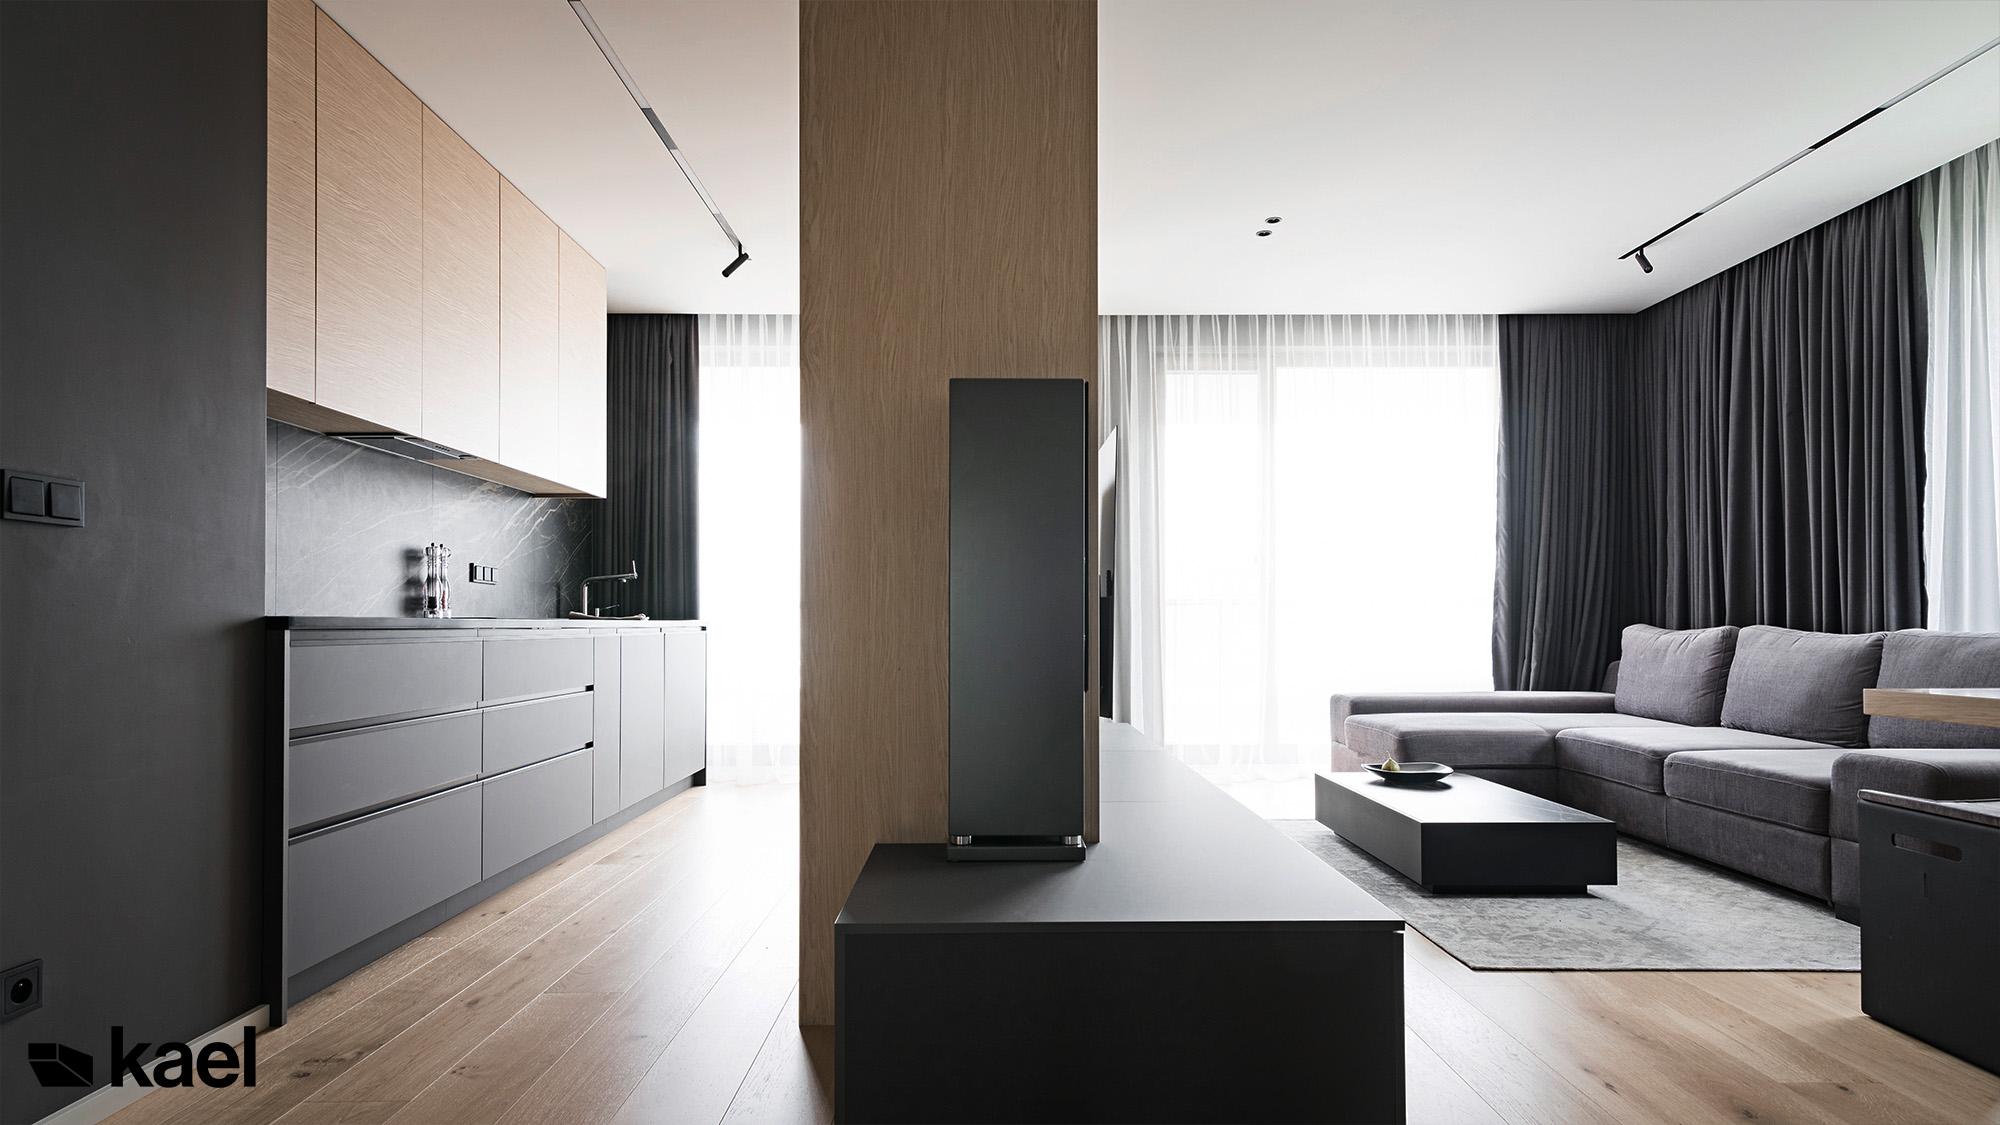 salon z kuchnią w mieszkaniu w warszawie